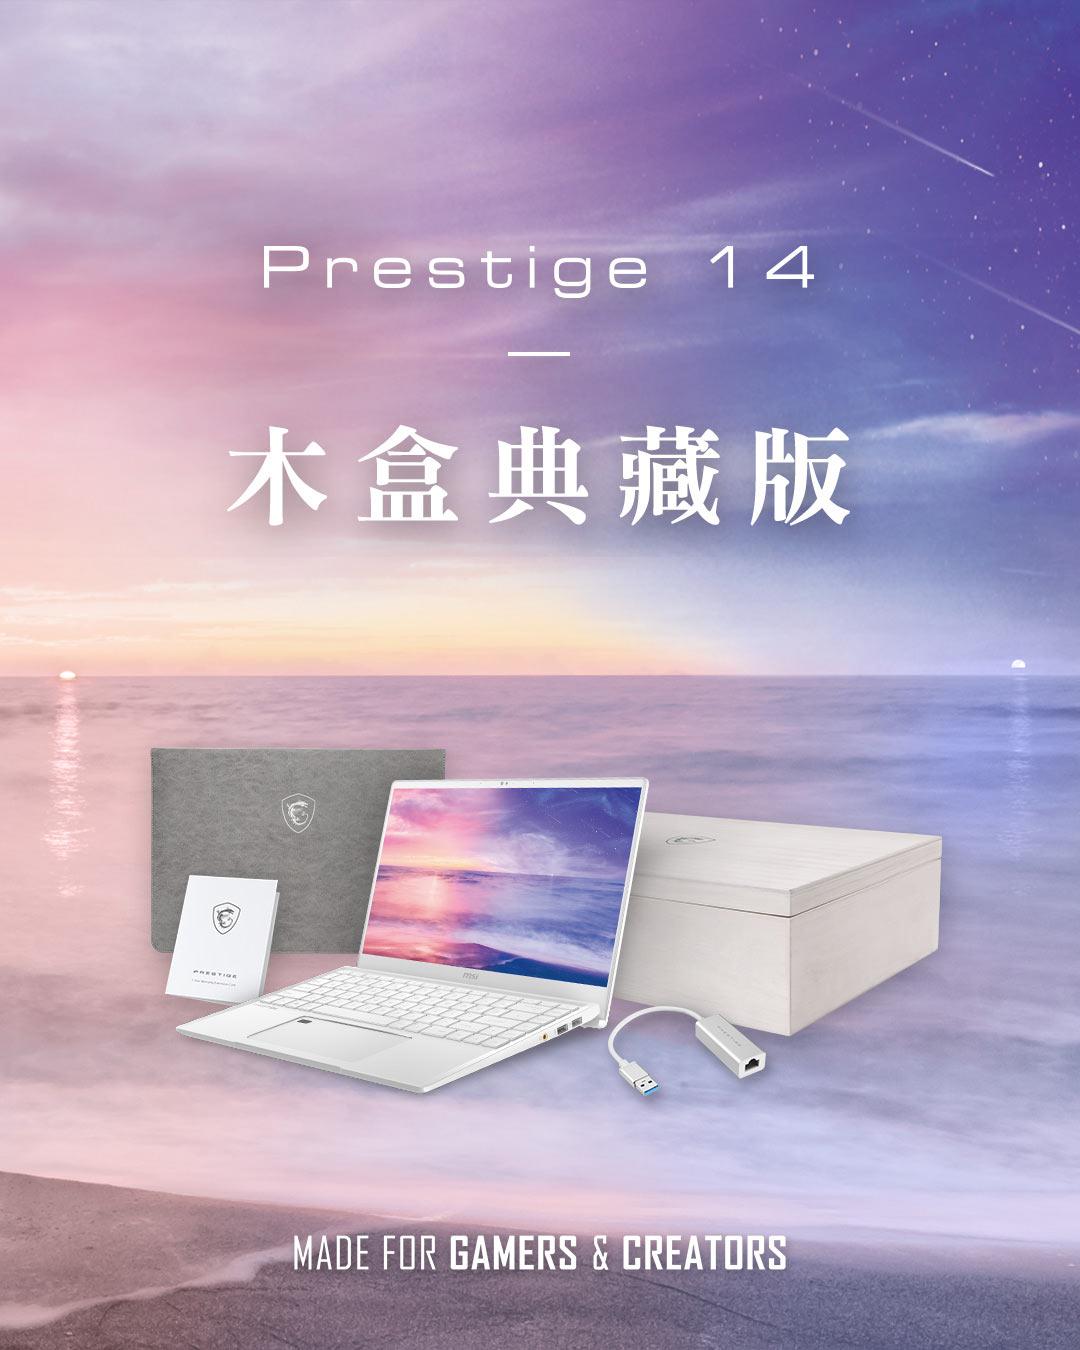 Prestige 14